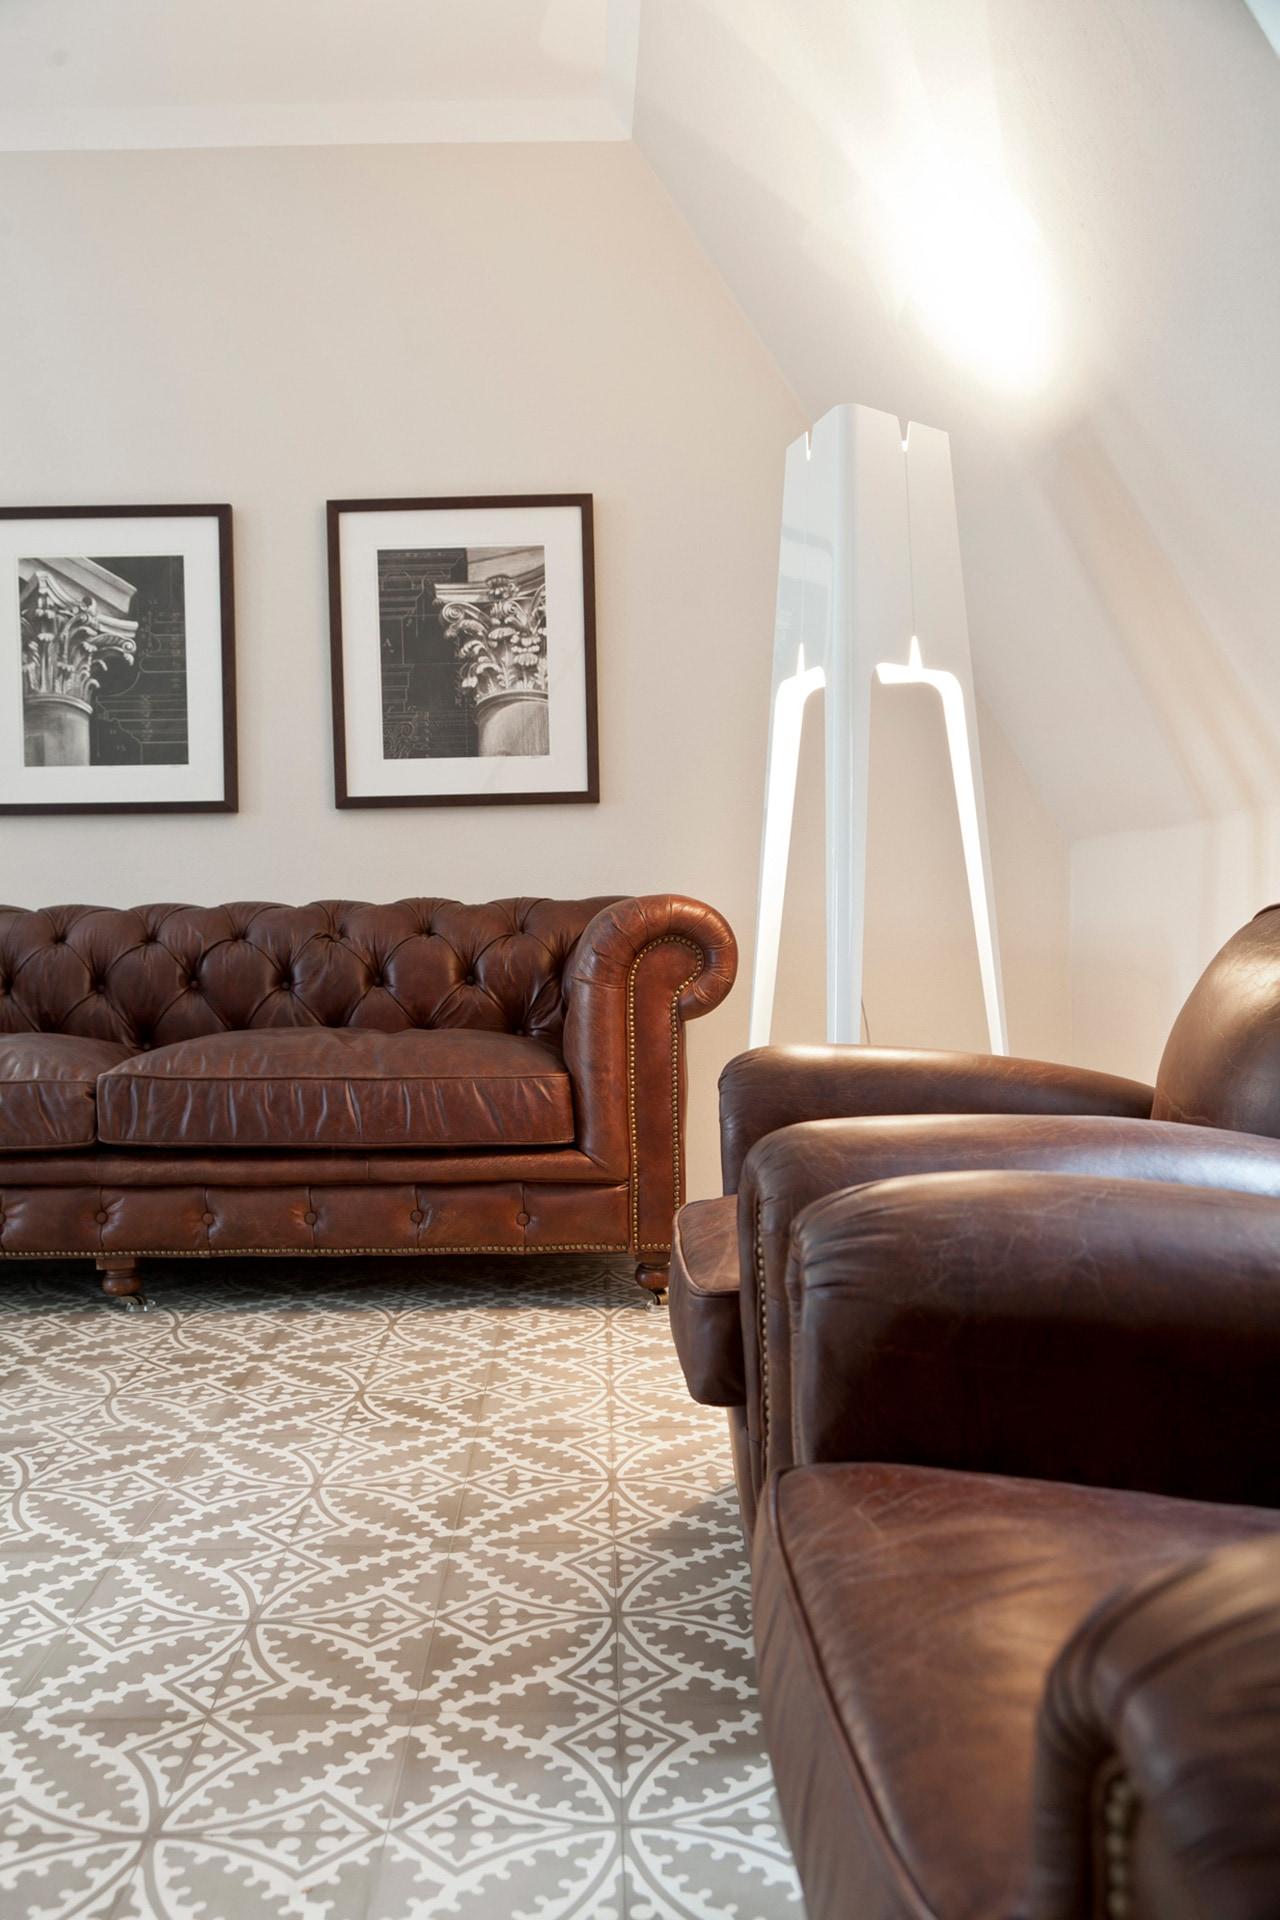 VIA Zementfliese N° 17354 im Wohnbereich in Kombination mit braunen Möbeln